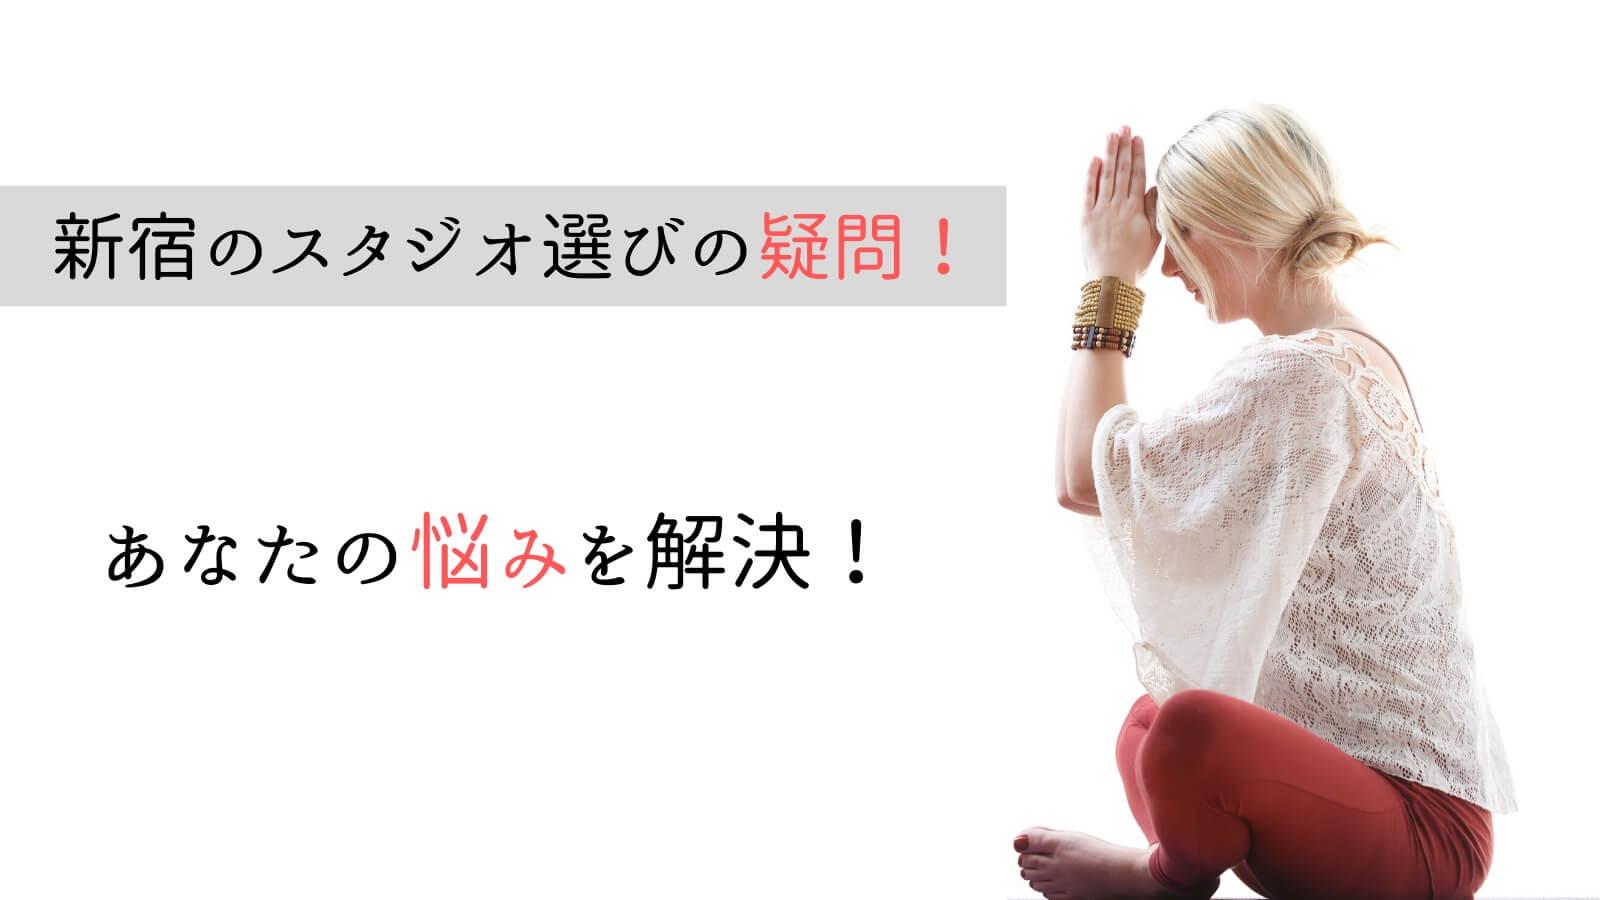 新宿でのピラティススタジオ選びに関するQ&A